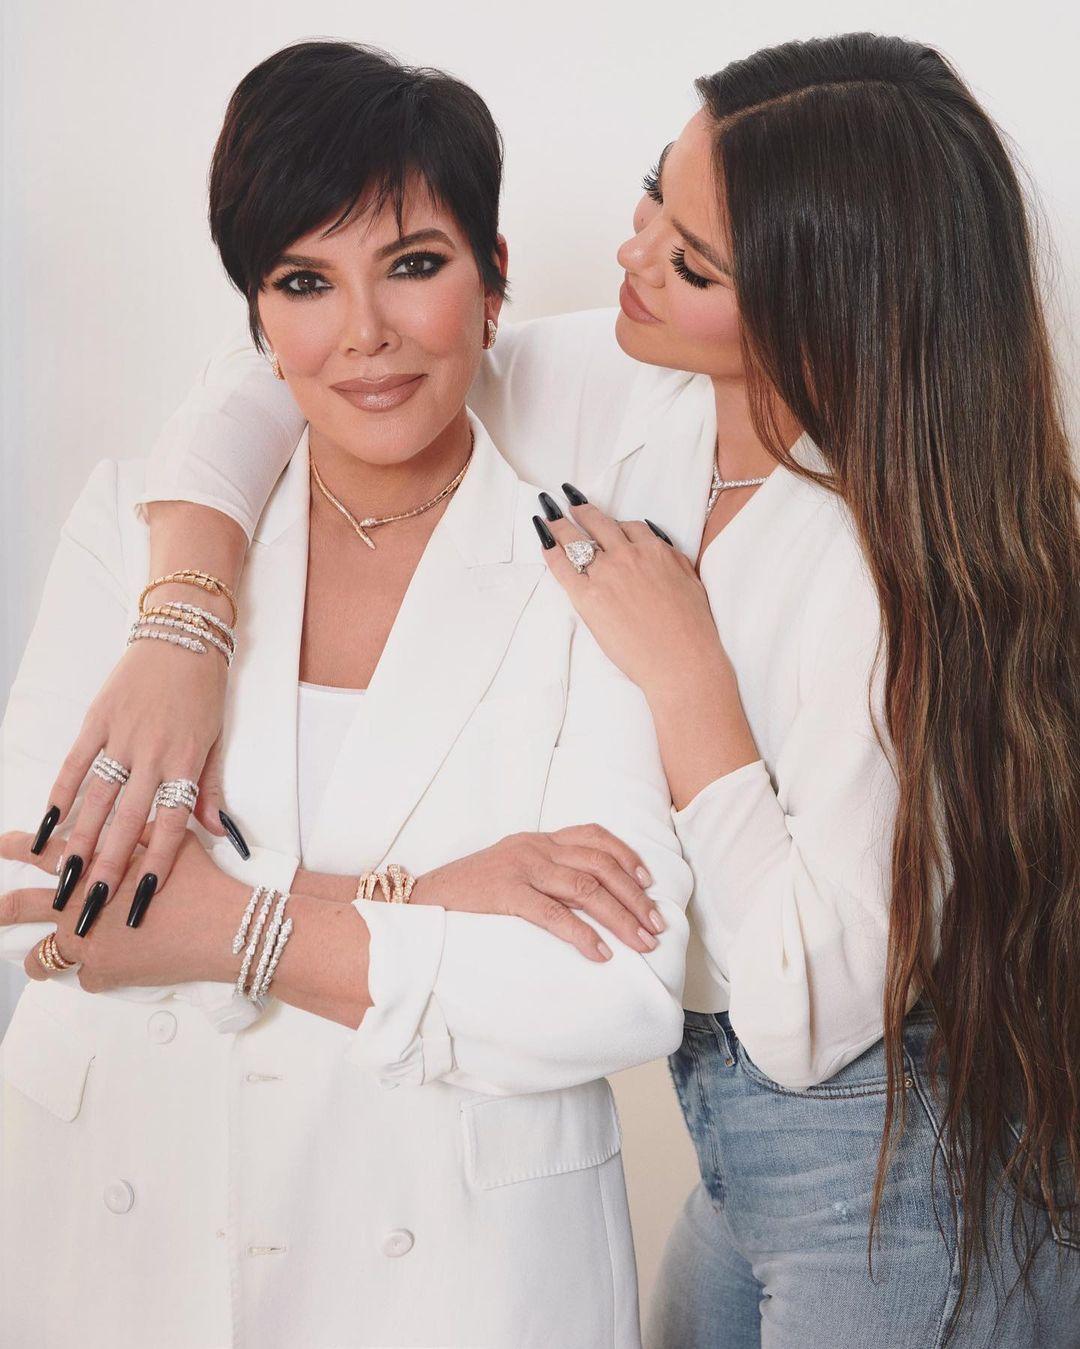 Không chỉ riêng cách chăm sóc da mà lối trang điểm của bà Kris cũng có nhiều điểm tương đồng với 5 cô con gái nổi tiếng.